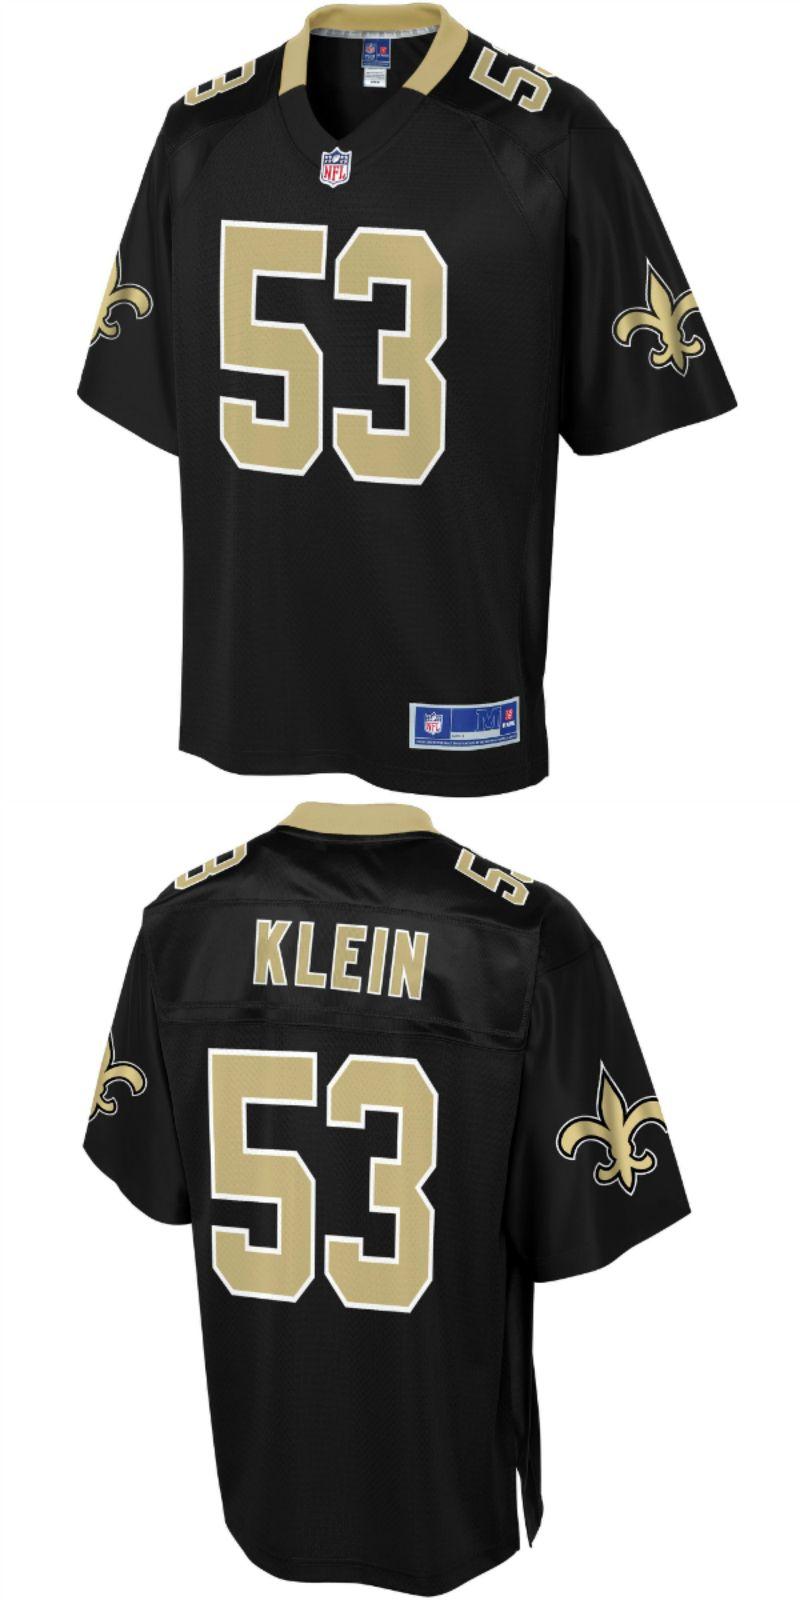 new style 6e9ff 69033 A.J. Klein New Orleans Saints NFL Pro Line Team Color Player ...